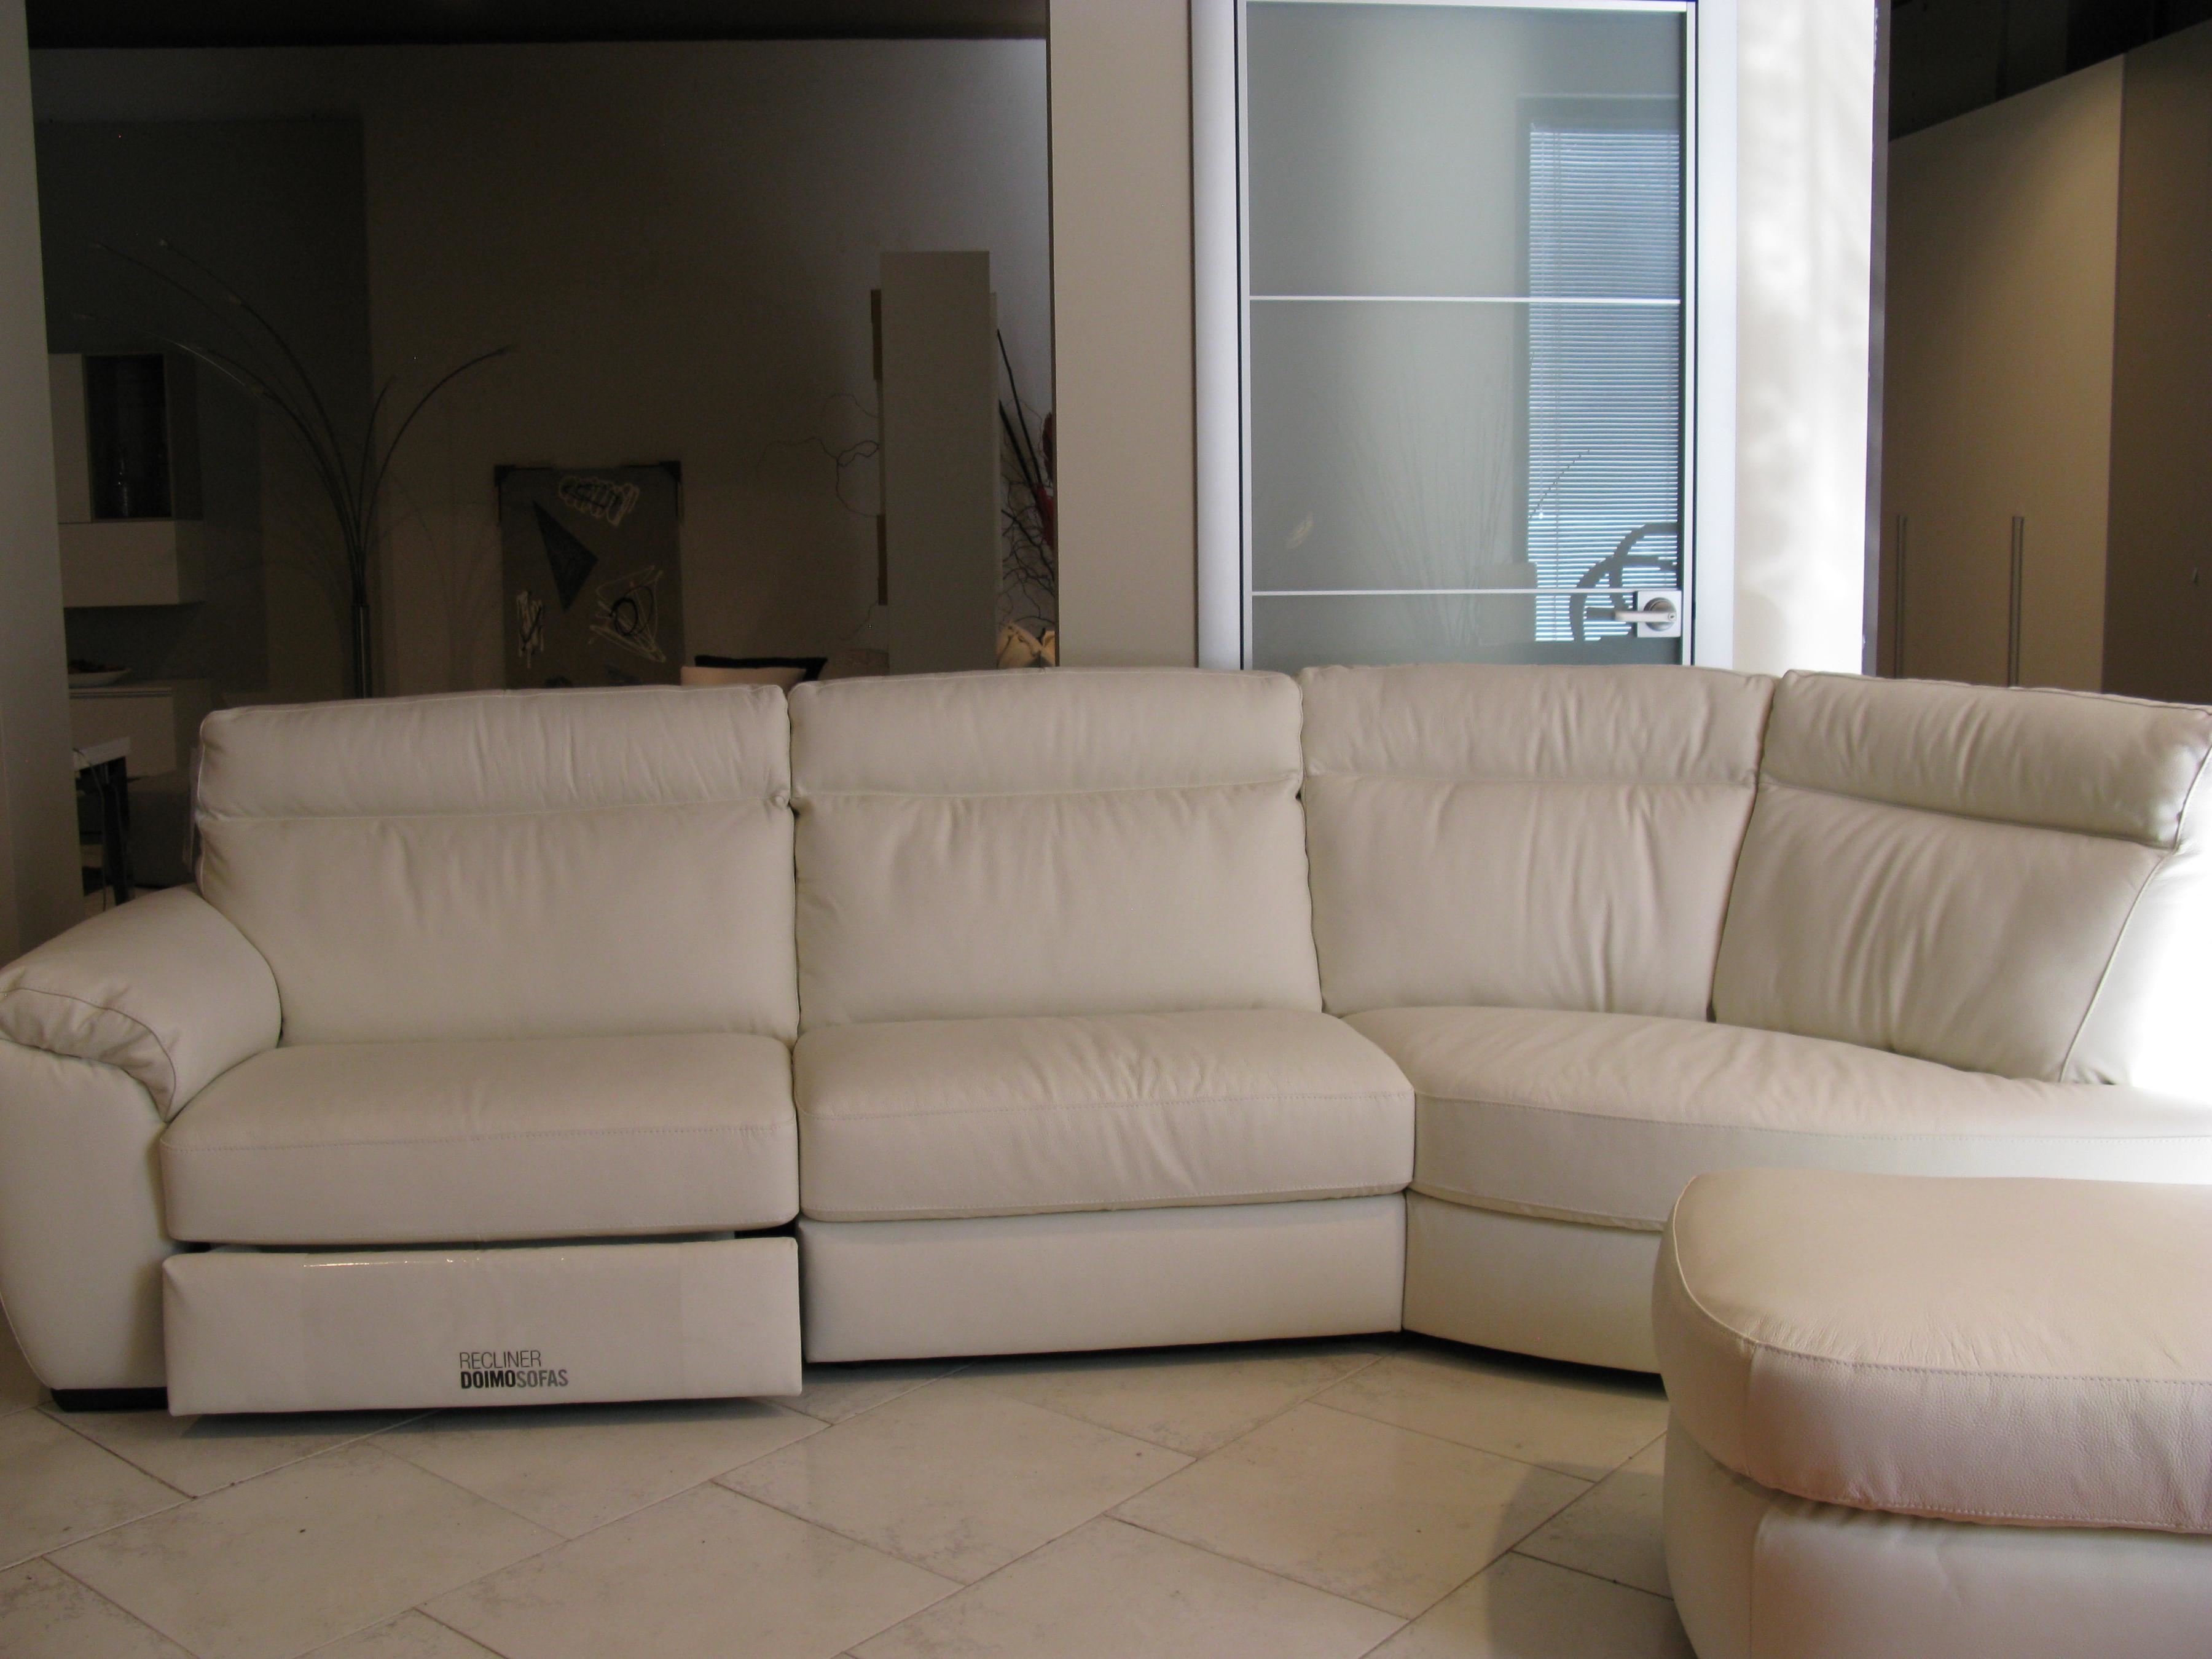 Divano doimo sofas charles divano pelle divani a prezzi - Divani sofa prezzi ...